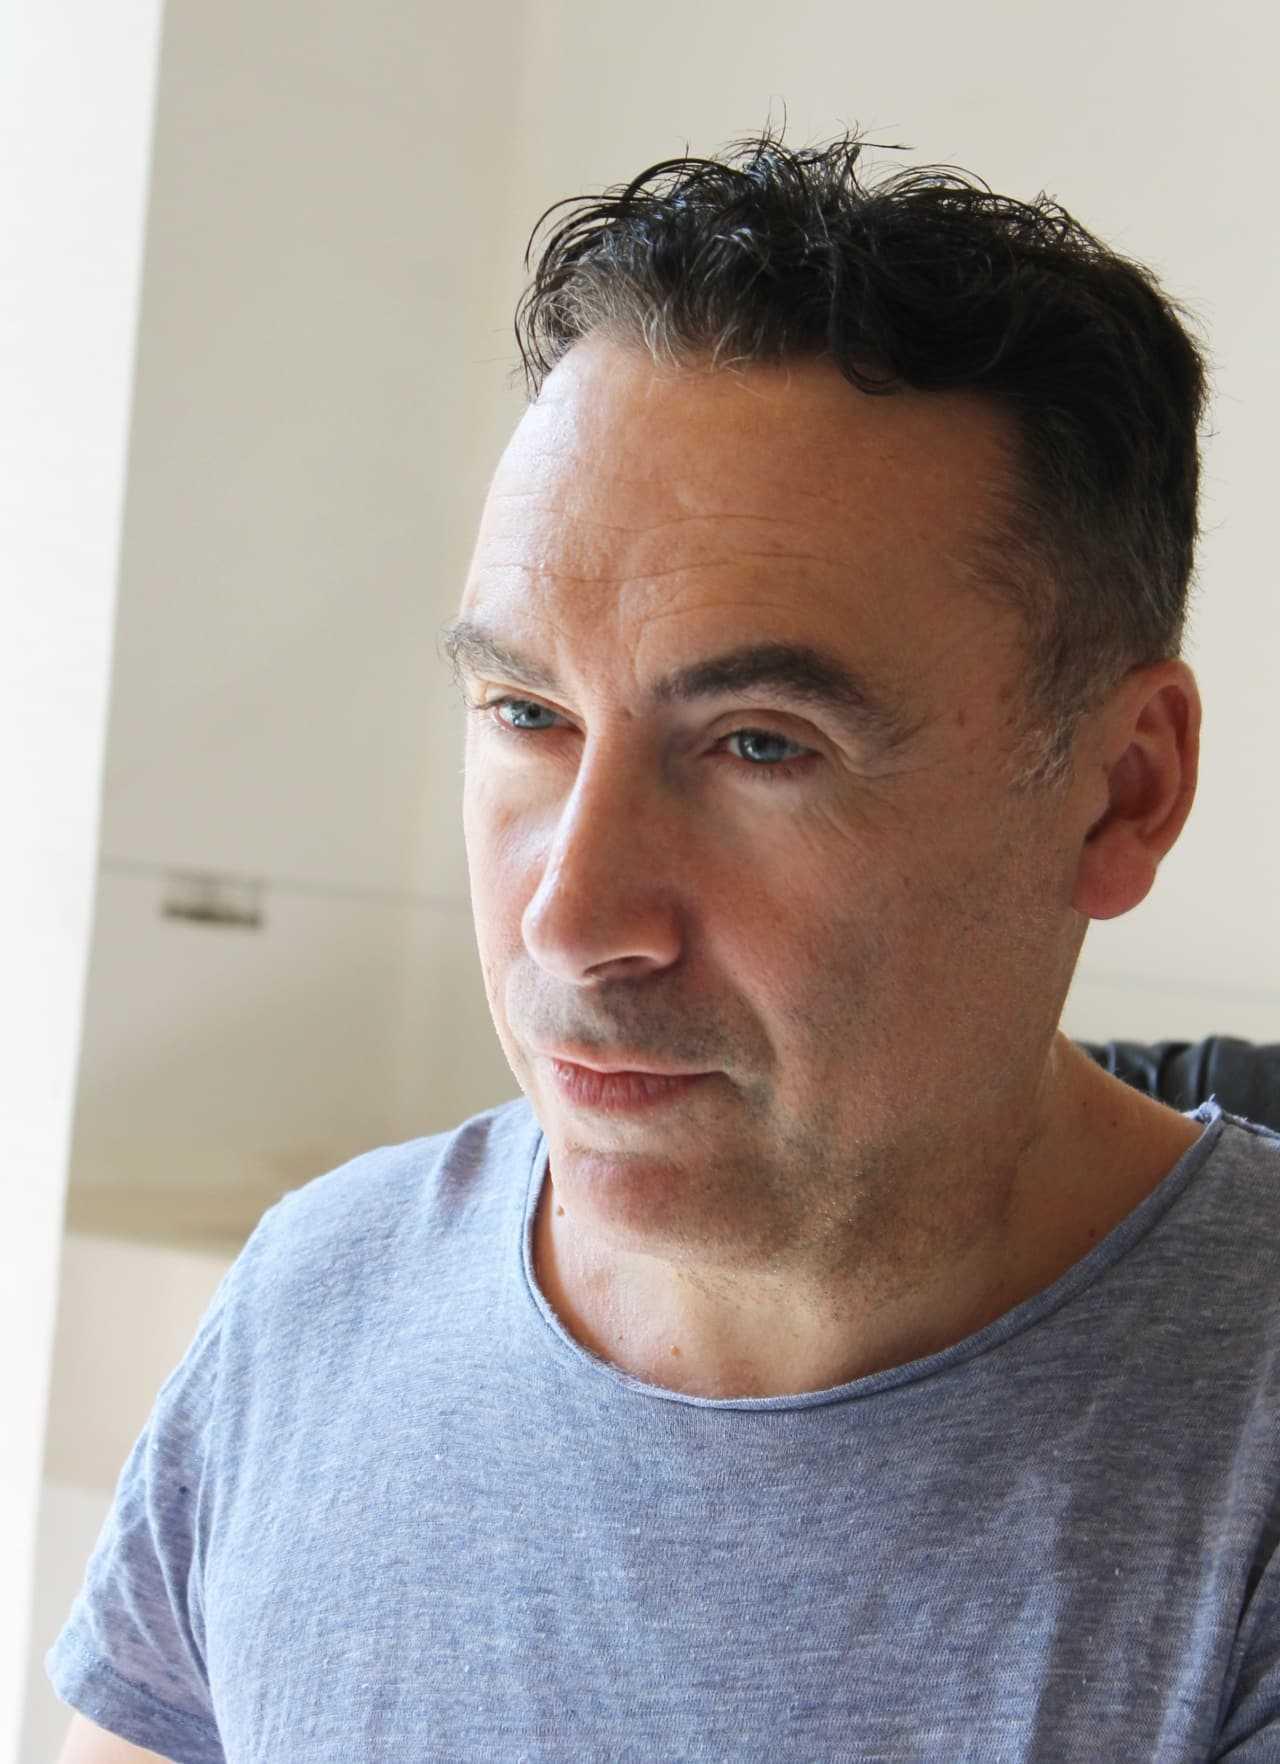 Jim en dédicace chez Azimuts à Montpellier le 18 décembre pour passer de Beaux moments